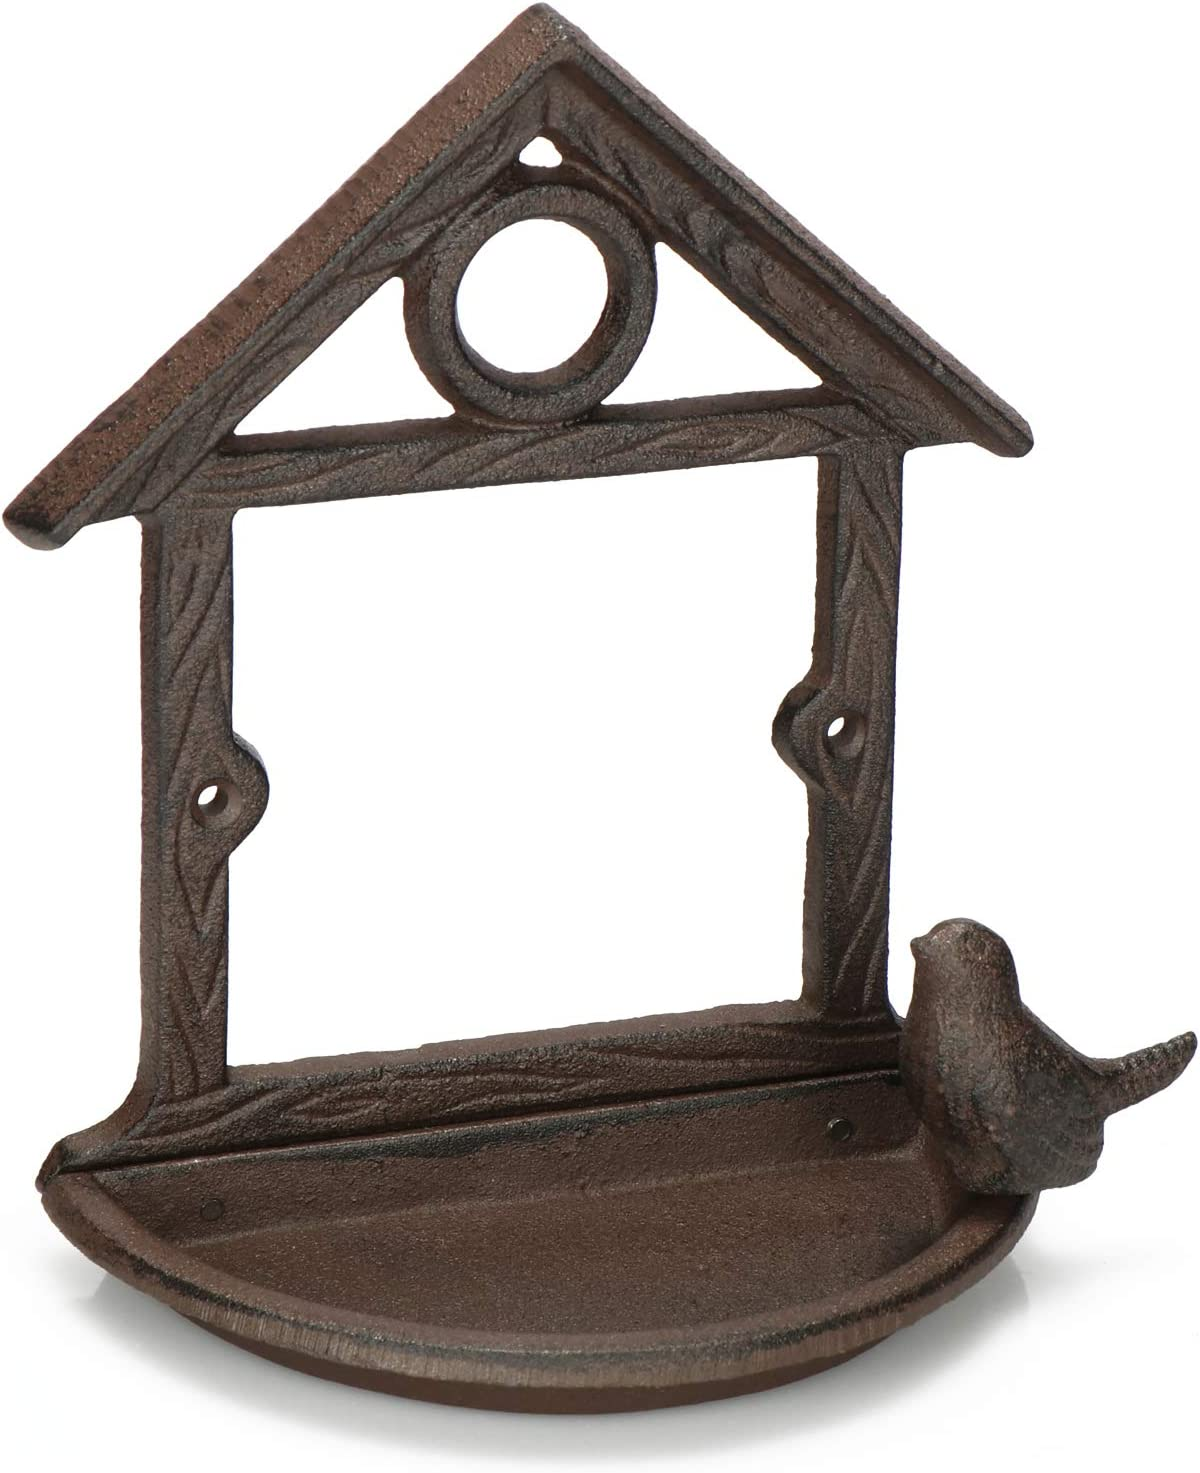 com-four® Baño para Aves Silvestres - Casa de alimentación de Hierro Fundido - Baño de Agua Decorativo para Colgar en el jardín